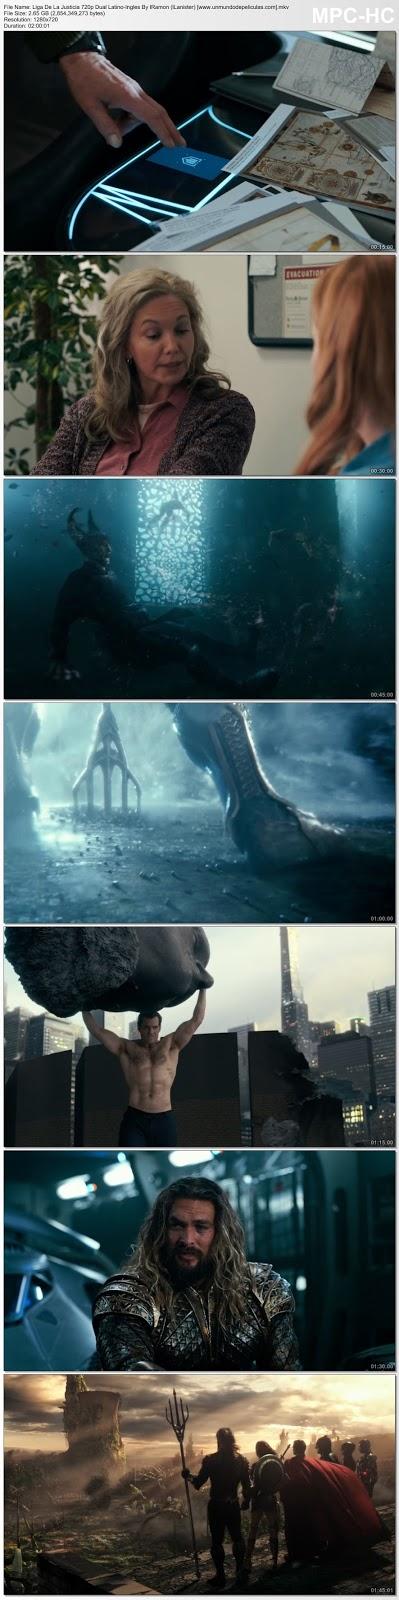 Capturas de la película.